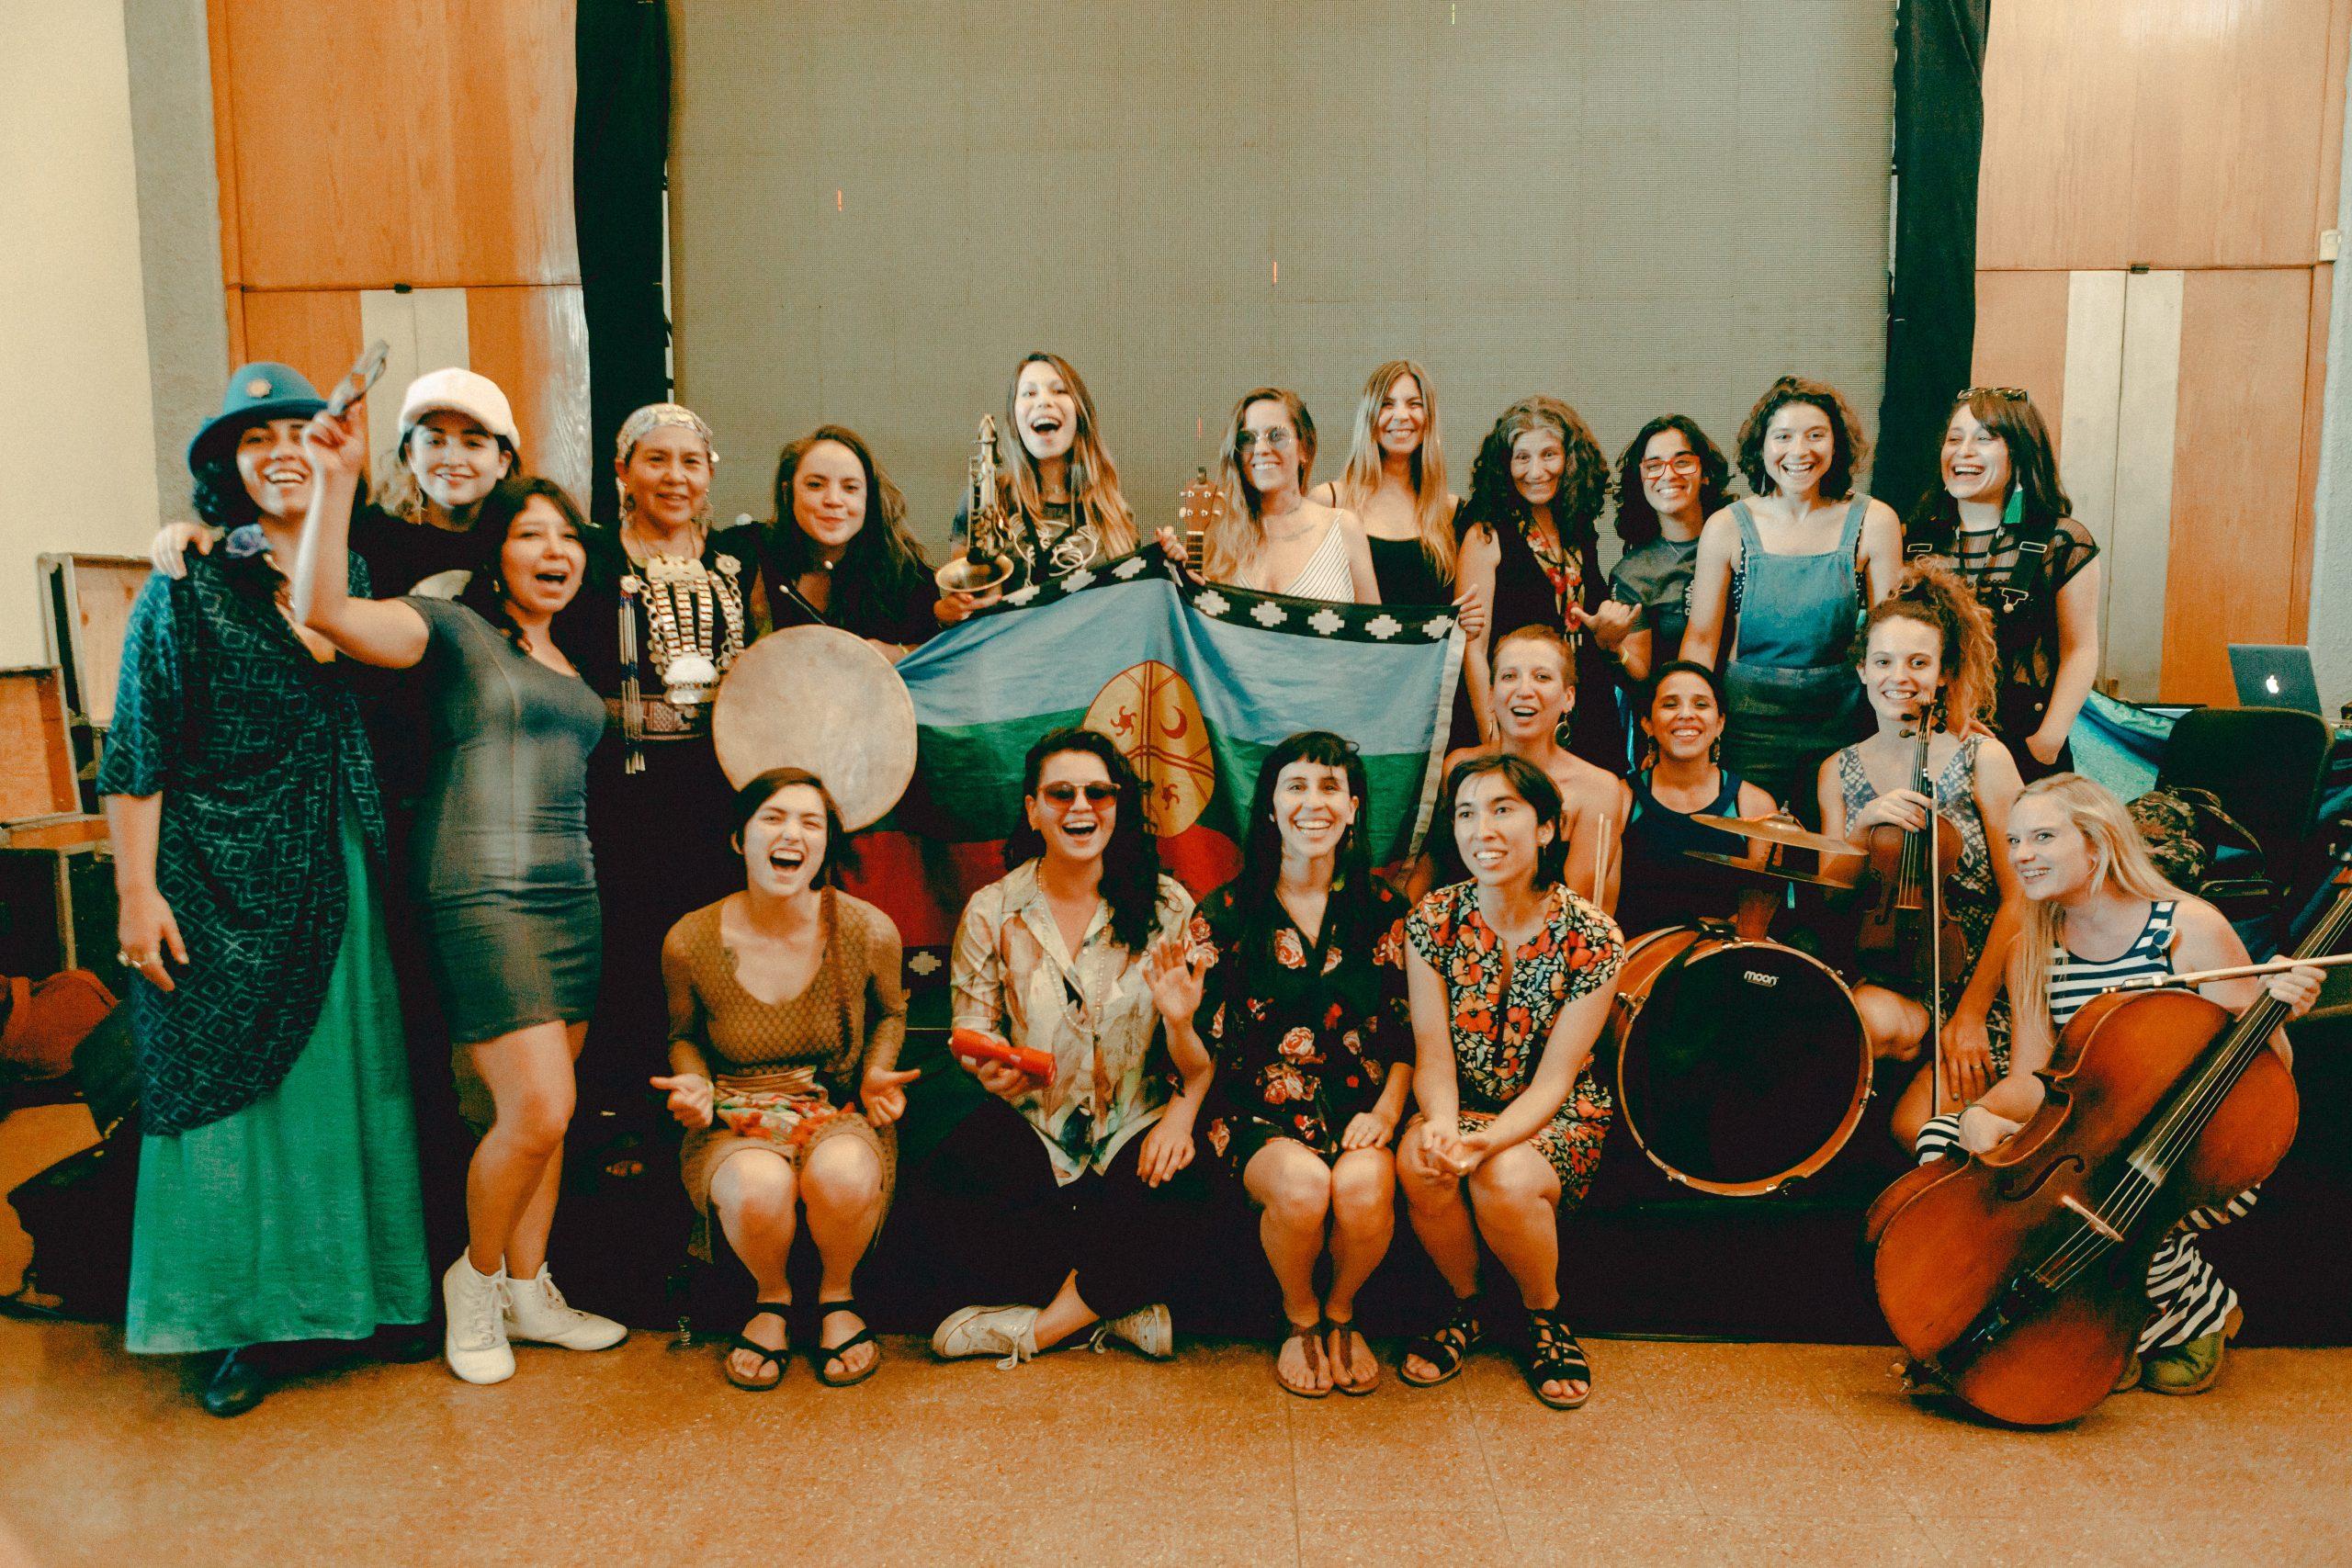 MUSAP y GAM ofrecerán charlas gratuitas sobre proyectos musicales de mujeres y disidencias